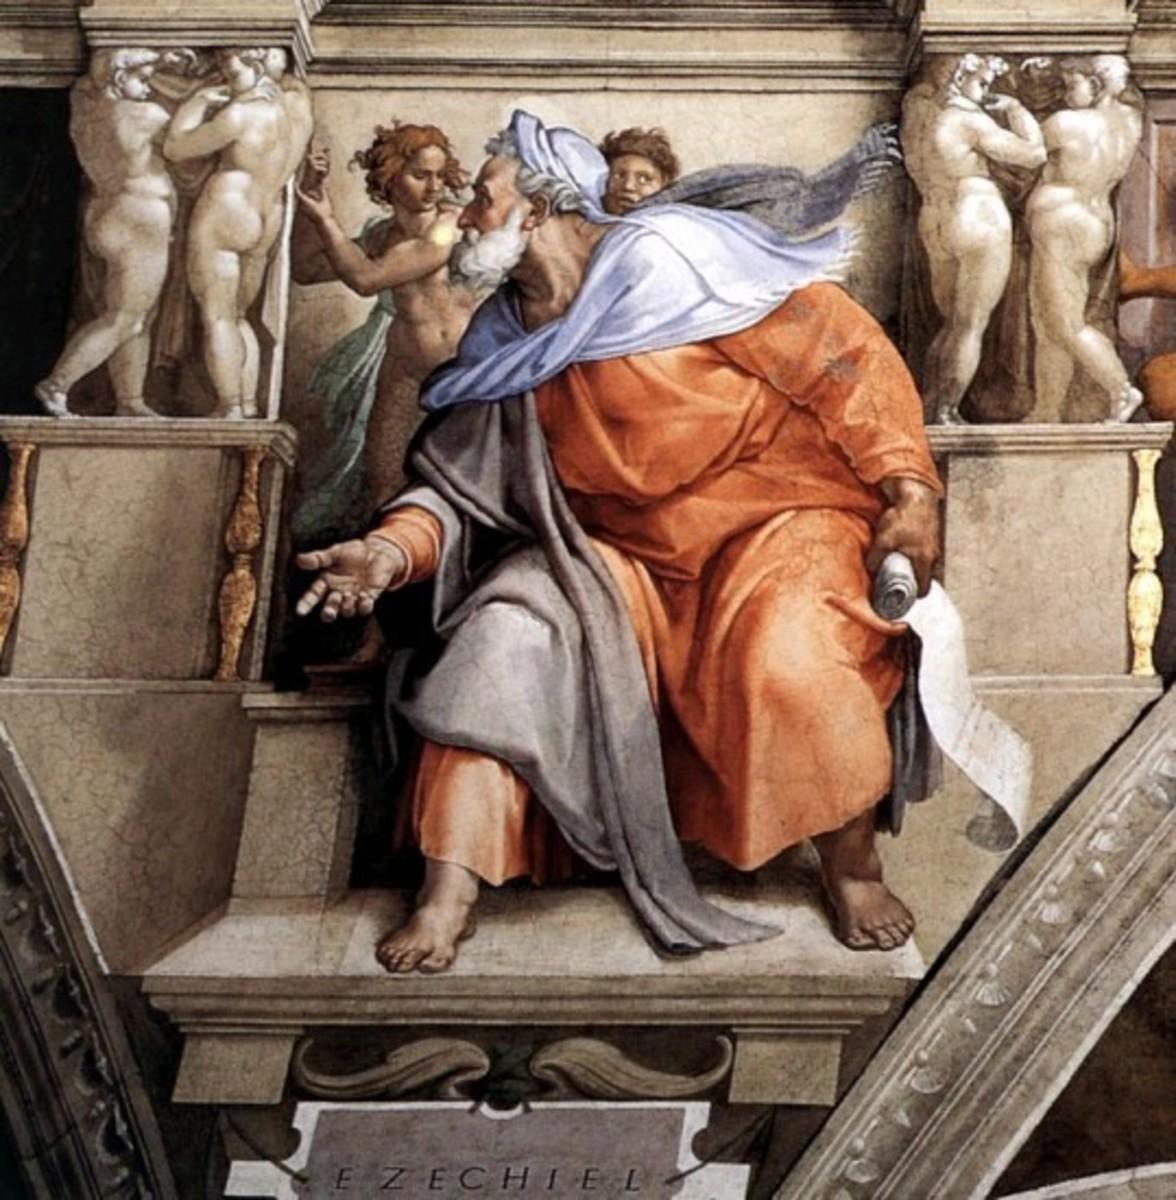 The Prophet Ezekiel, Michelangelo Buonarroti (1475-1564)